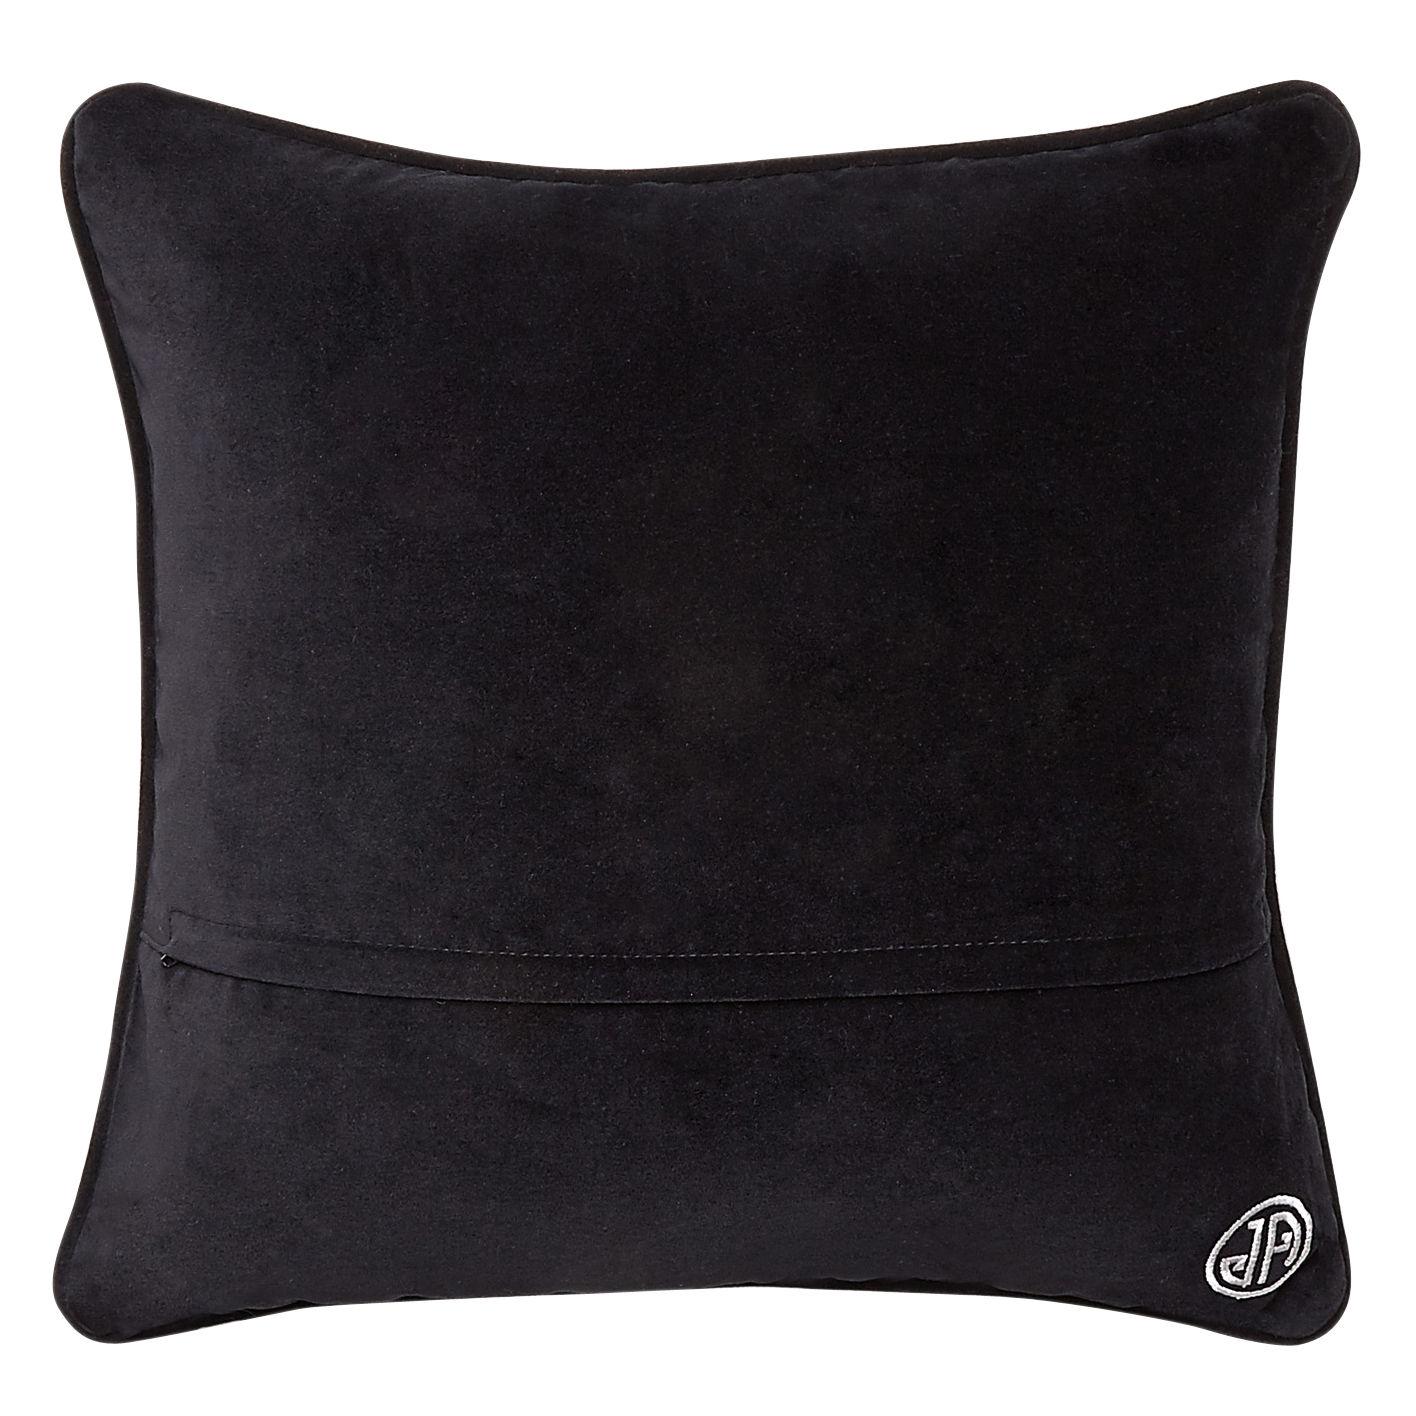 kissen 30 5 x 30 5 cm schwarz und wei by jonathan adler made in design. Black Bedroom Furniture Sets. Home Design Ideas